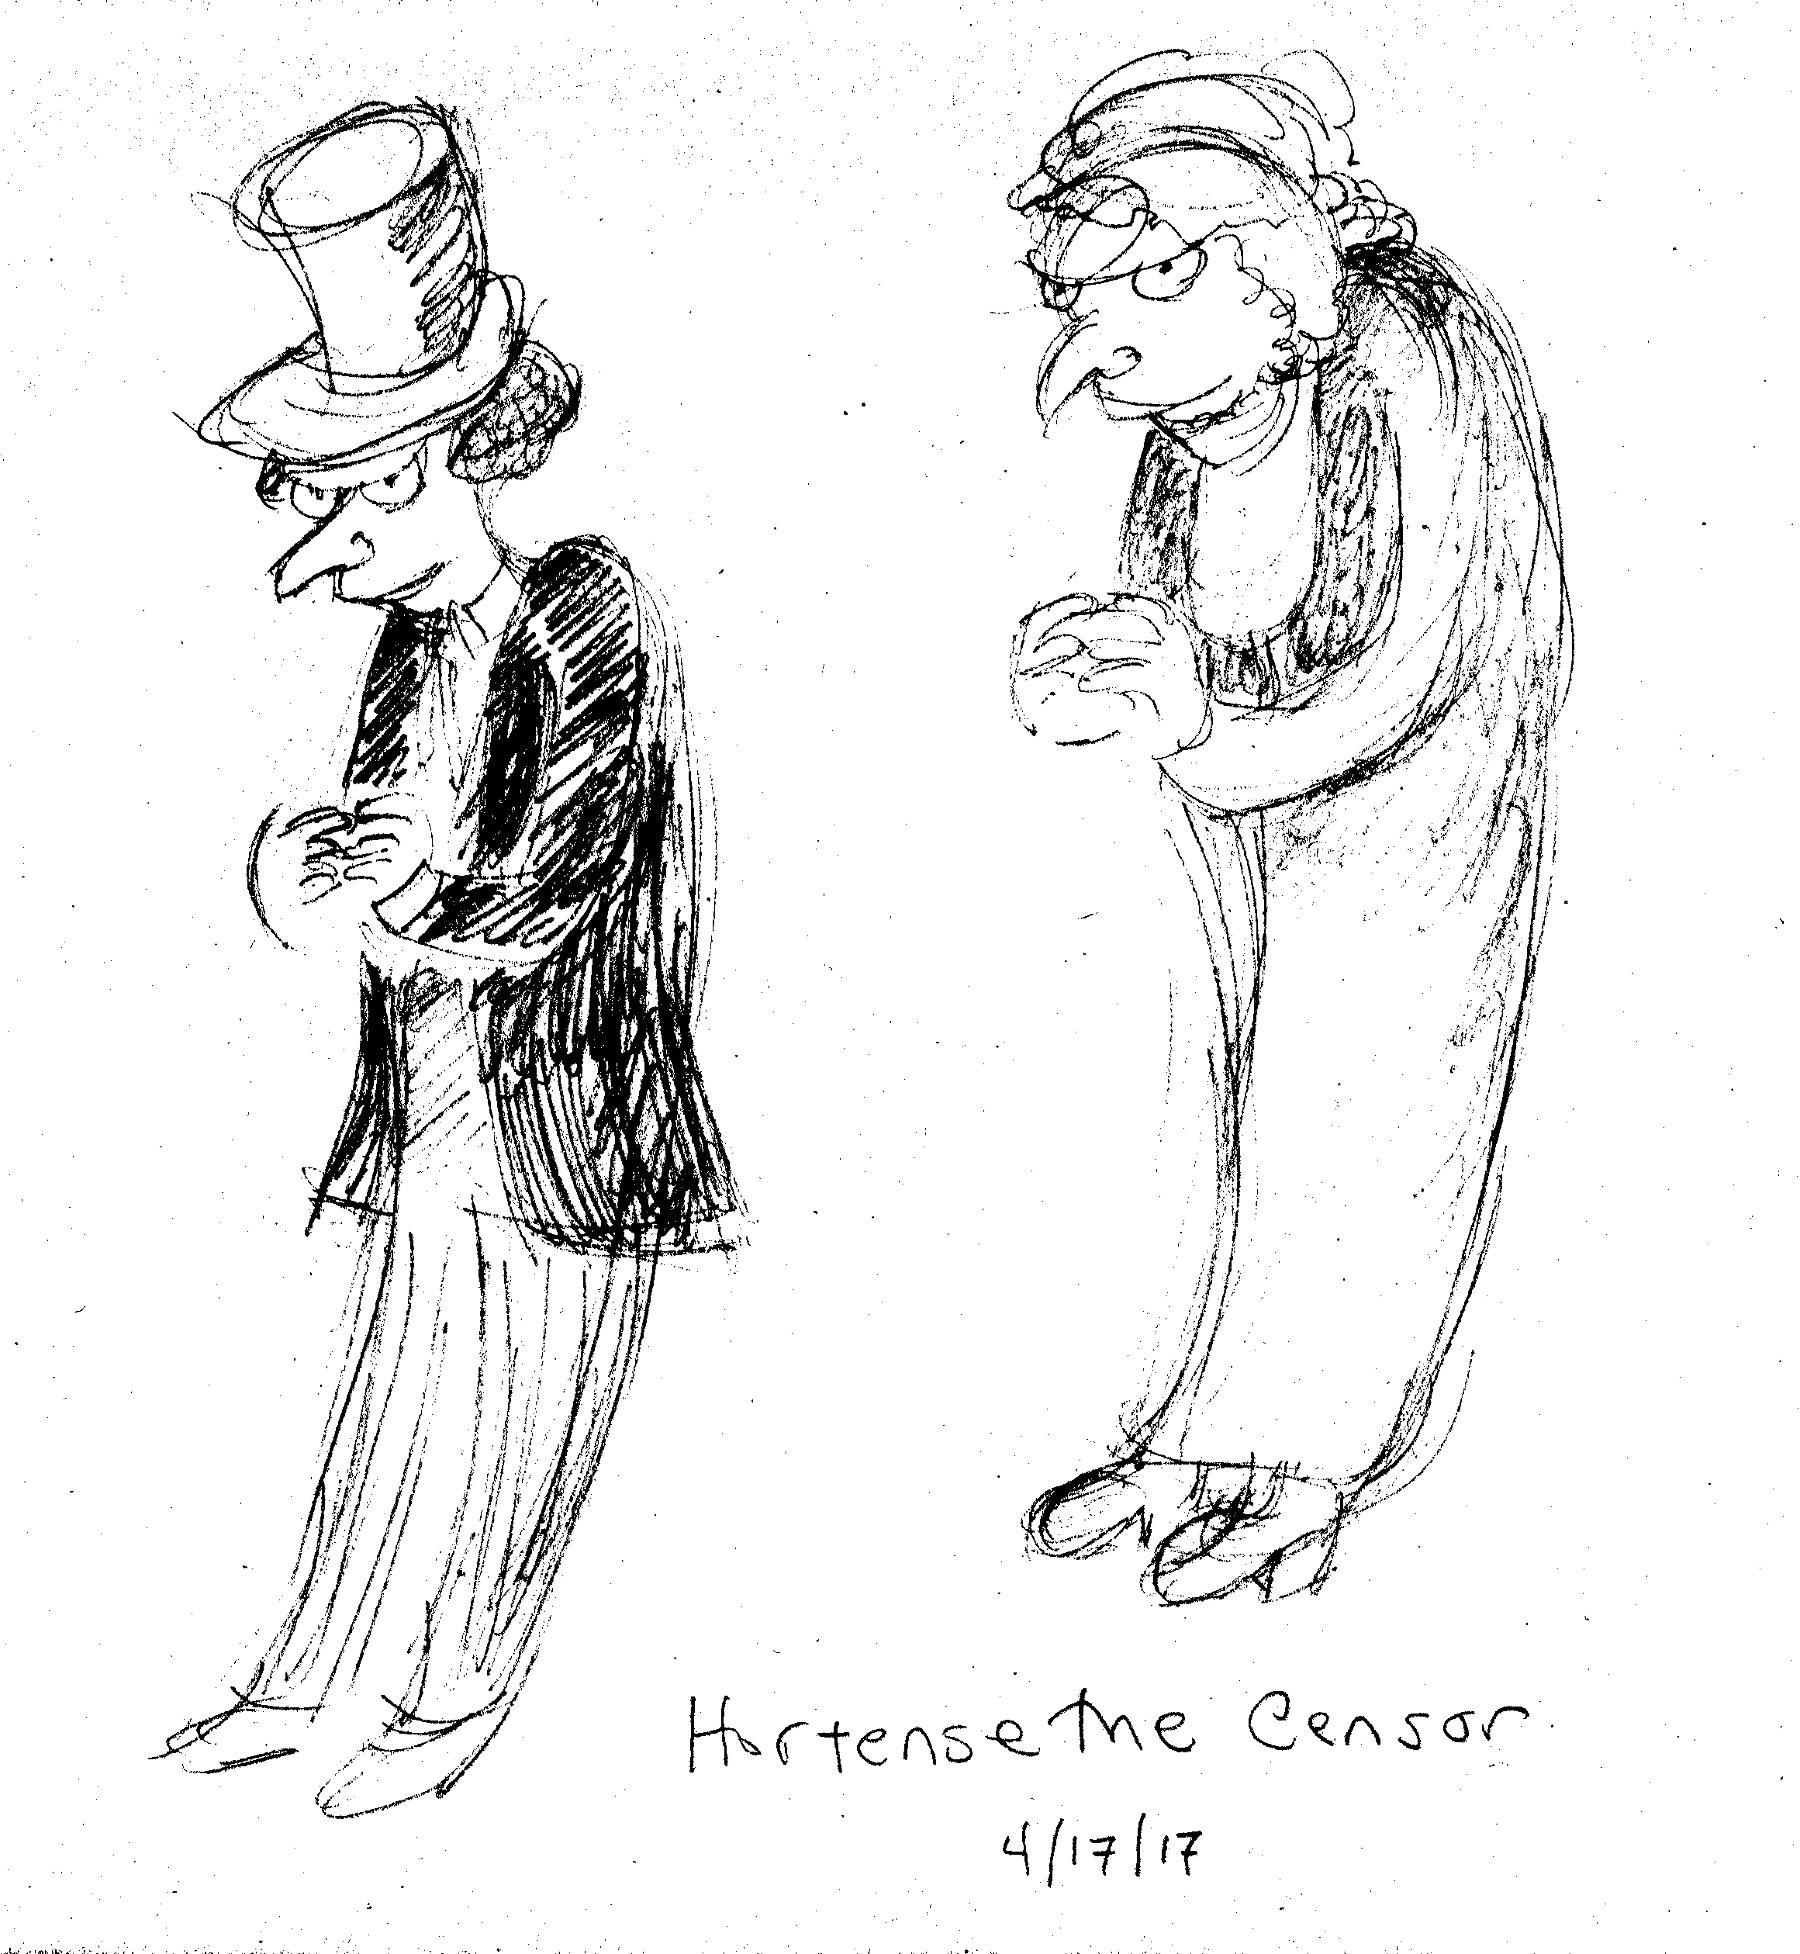 Hortense the Censor